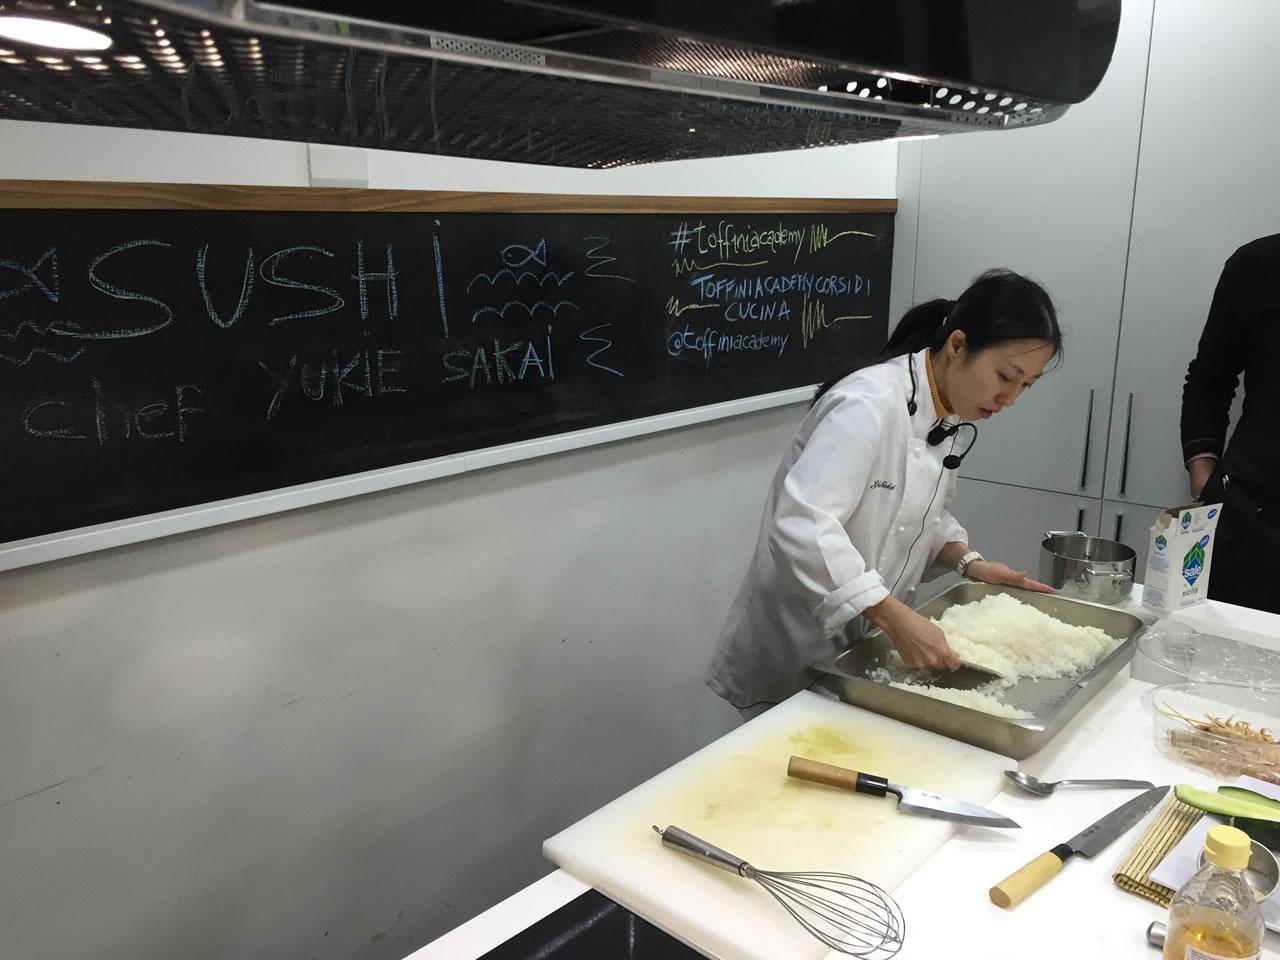 Imparare a fare il sushi presso Toffini Academy come preparare il sushi